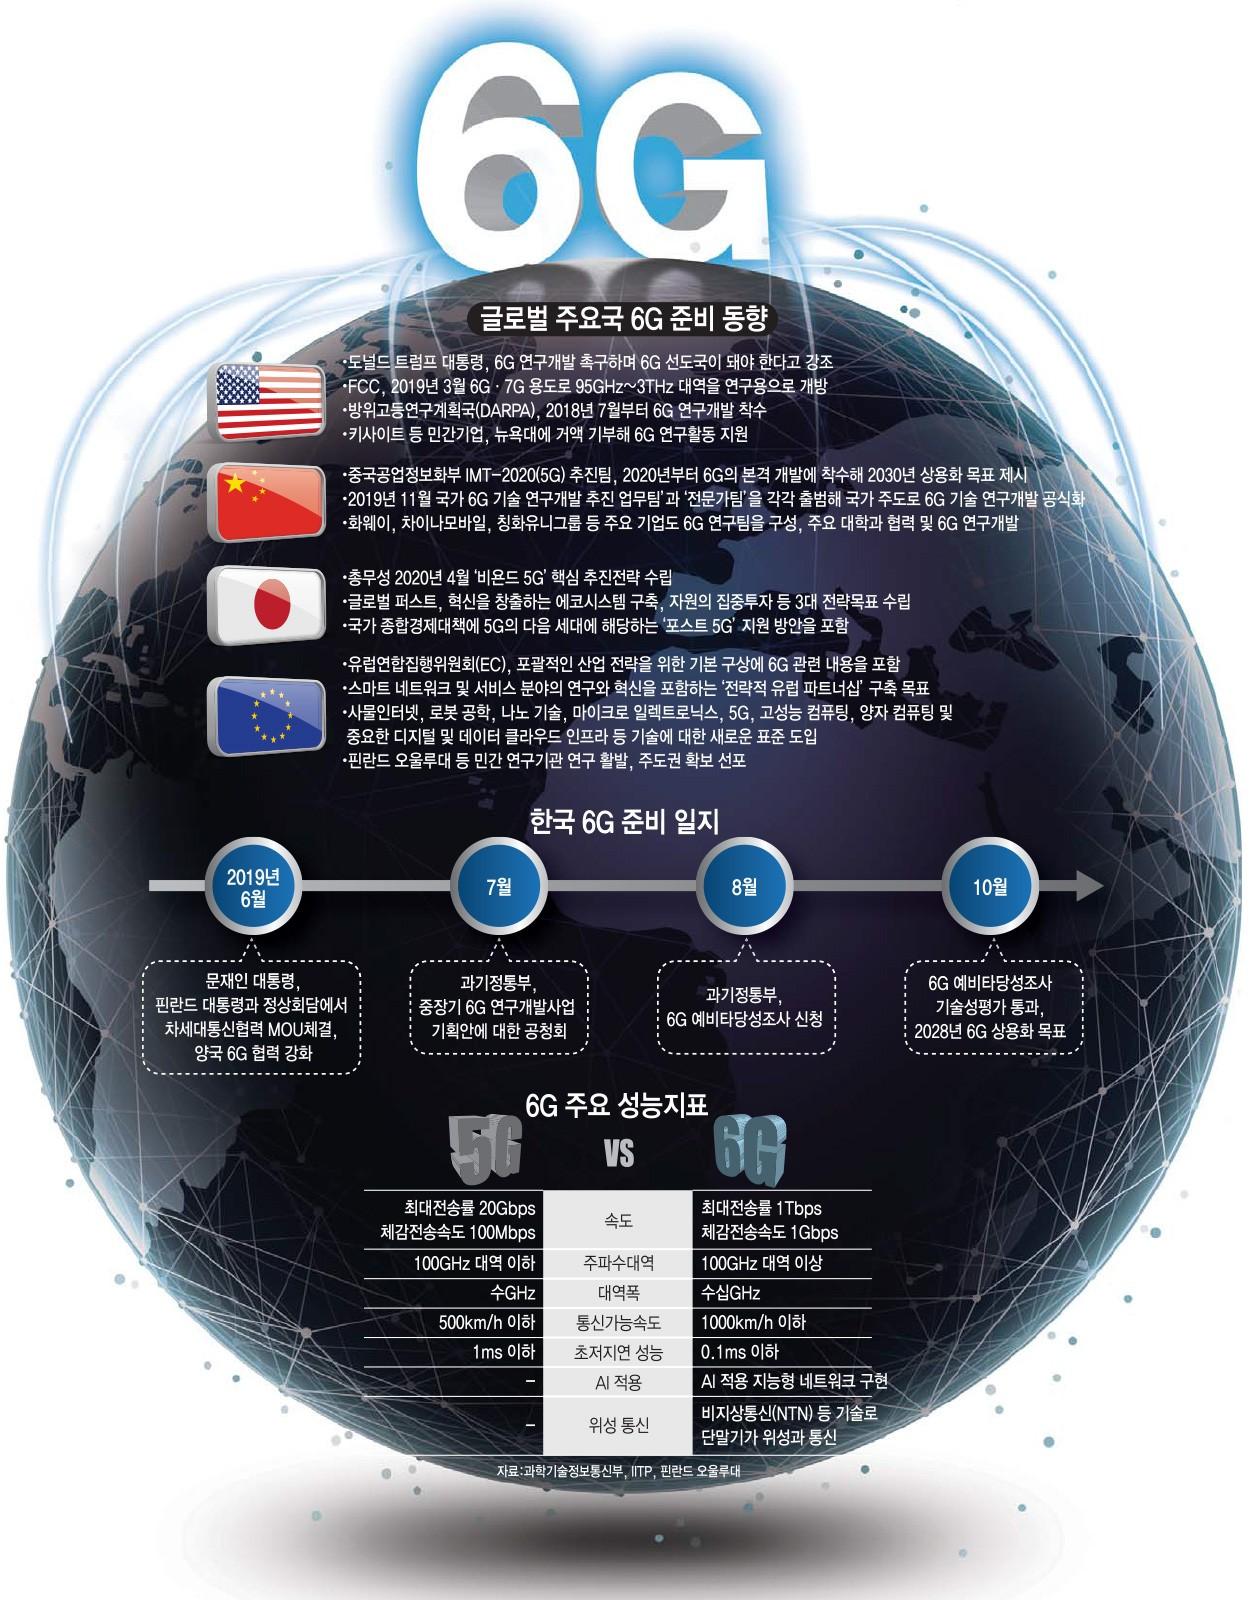 [이슈분석]글로벌 시장 6G 대전 시작